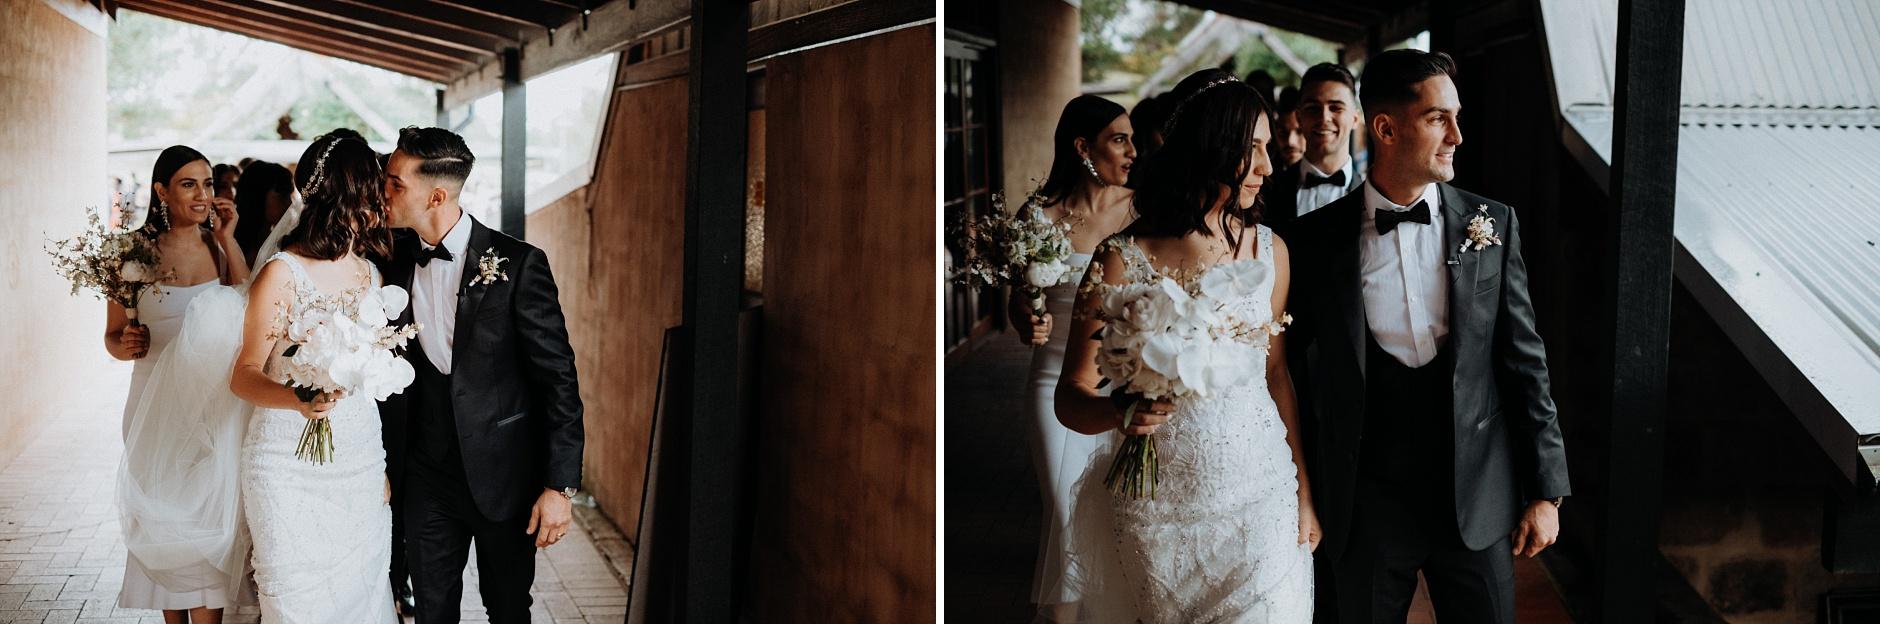 cassandra&cameron0522a_Peppers-Creek-Wedding.jpg